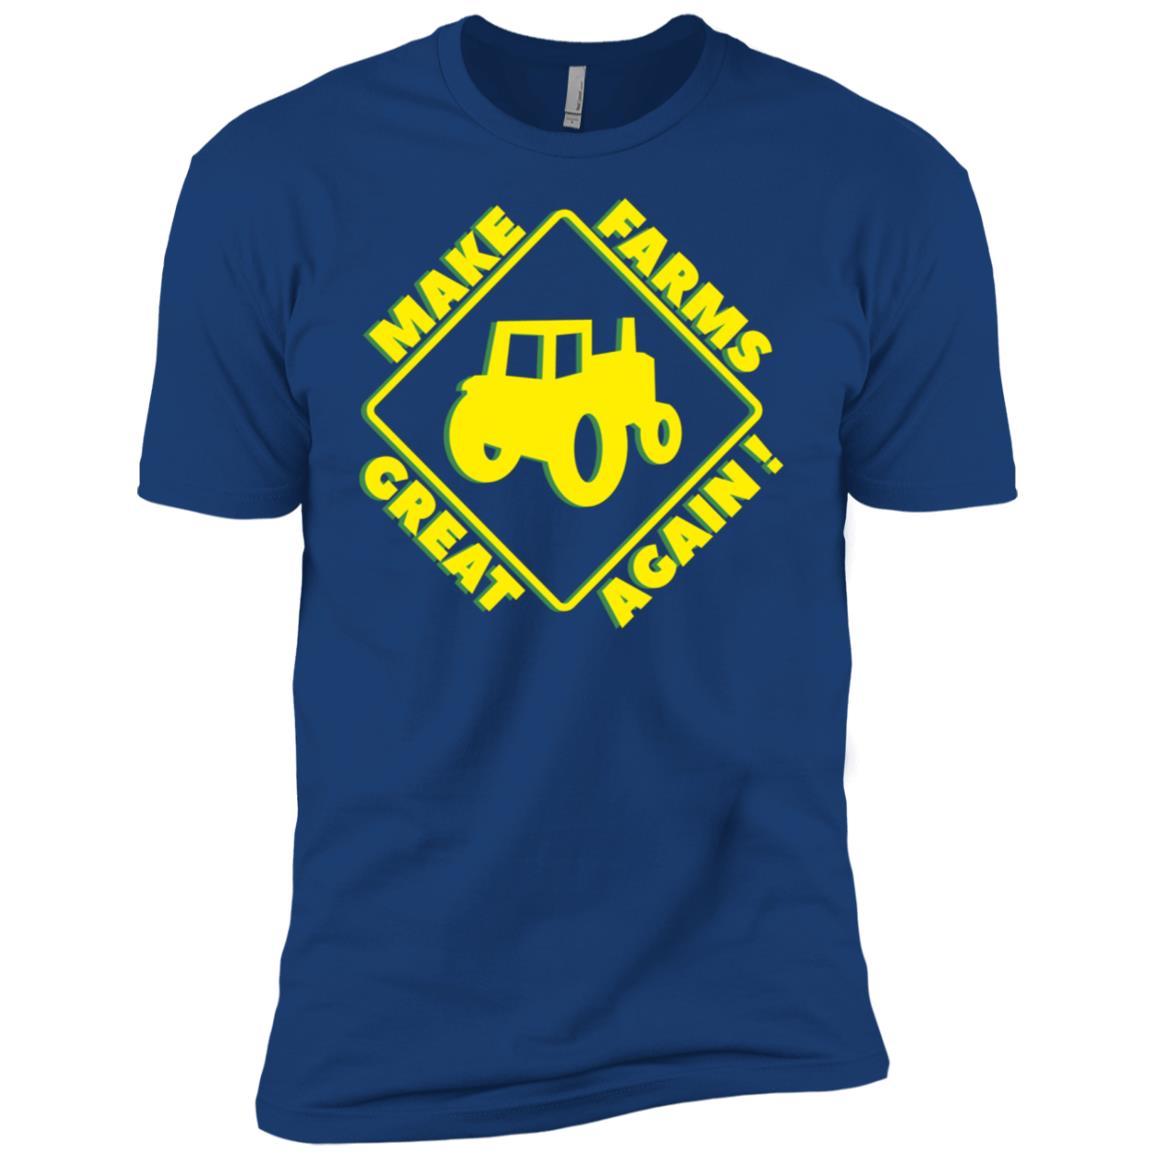 Make Our Farmers Great Again-Retro Farming Men Short Sleeve T-Shirt